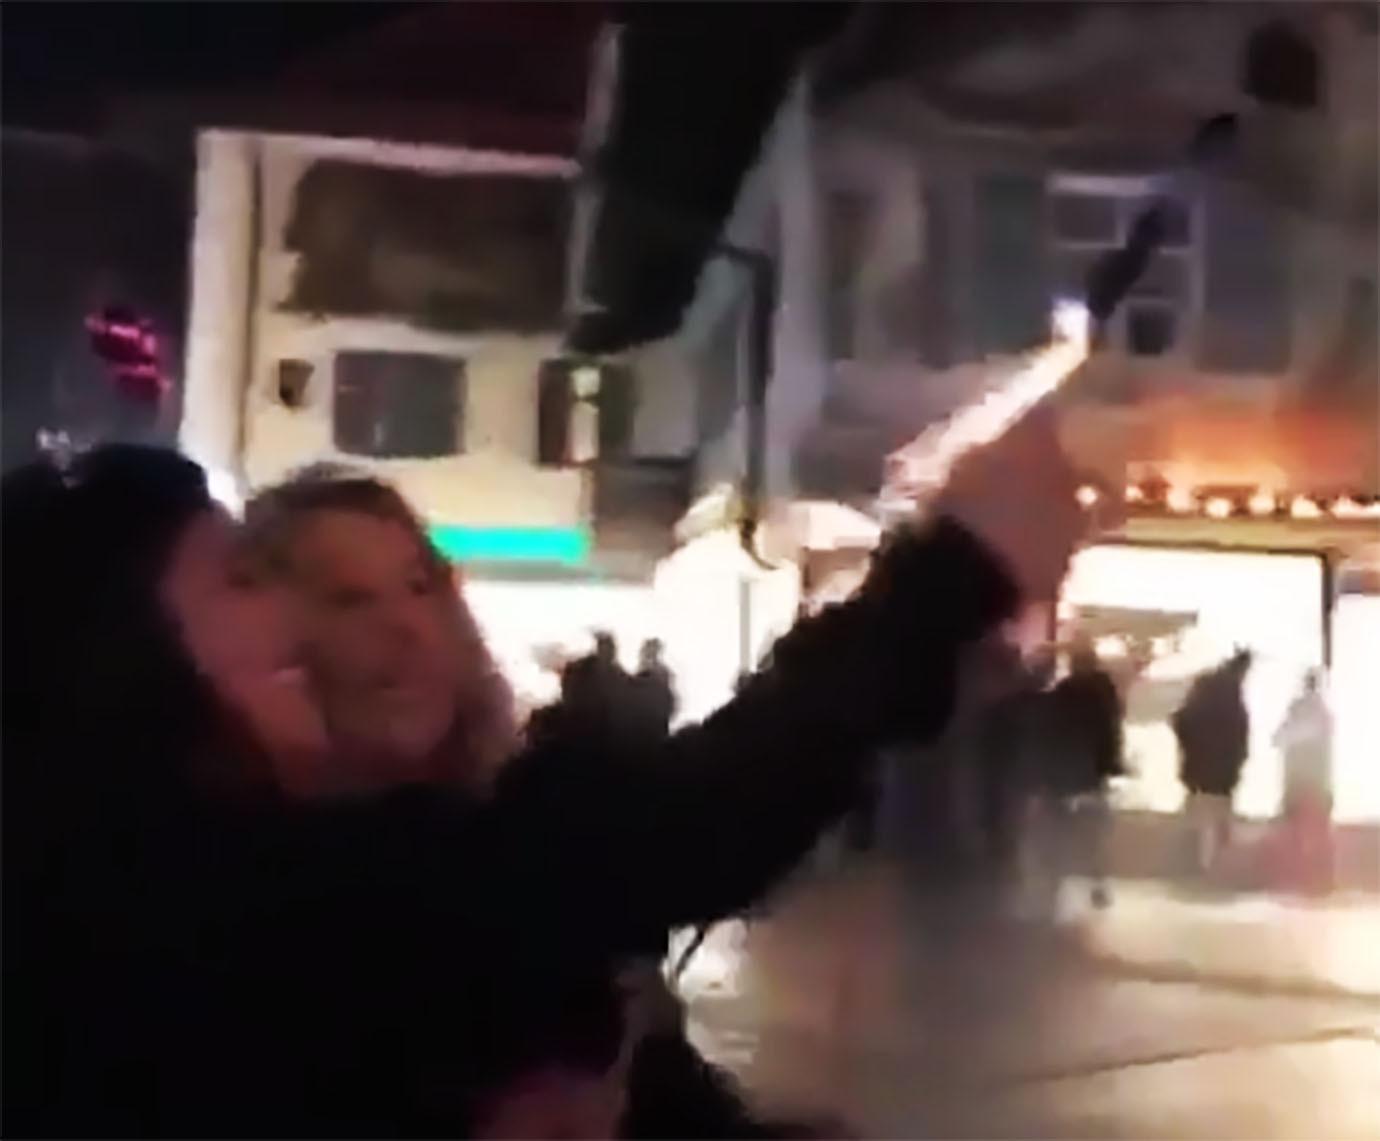 【大惨事】ロケット花火を持って点火した女子 → やん♪ やっぱ怖い→地面落とす → 水平に飛ぶ → 群衆の中で大爆発 のサムネイル画像